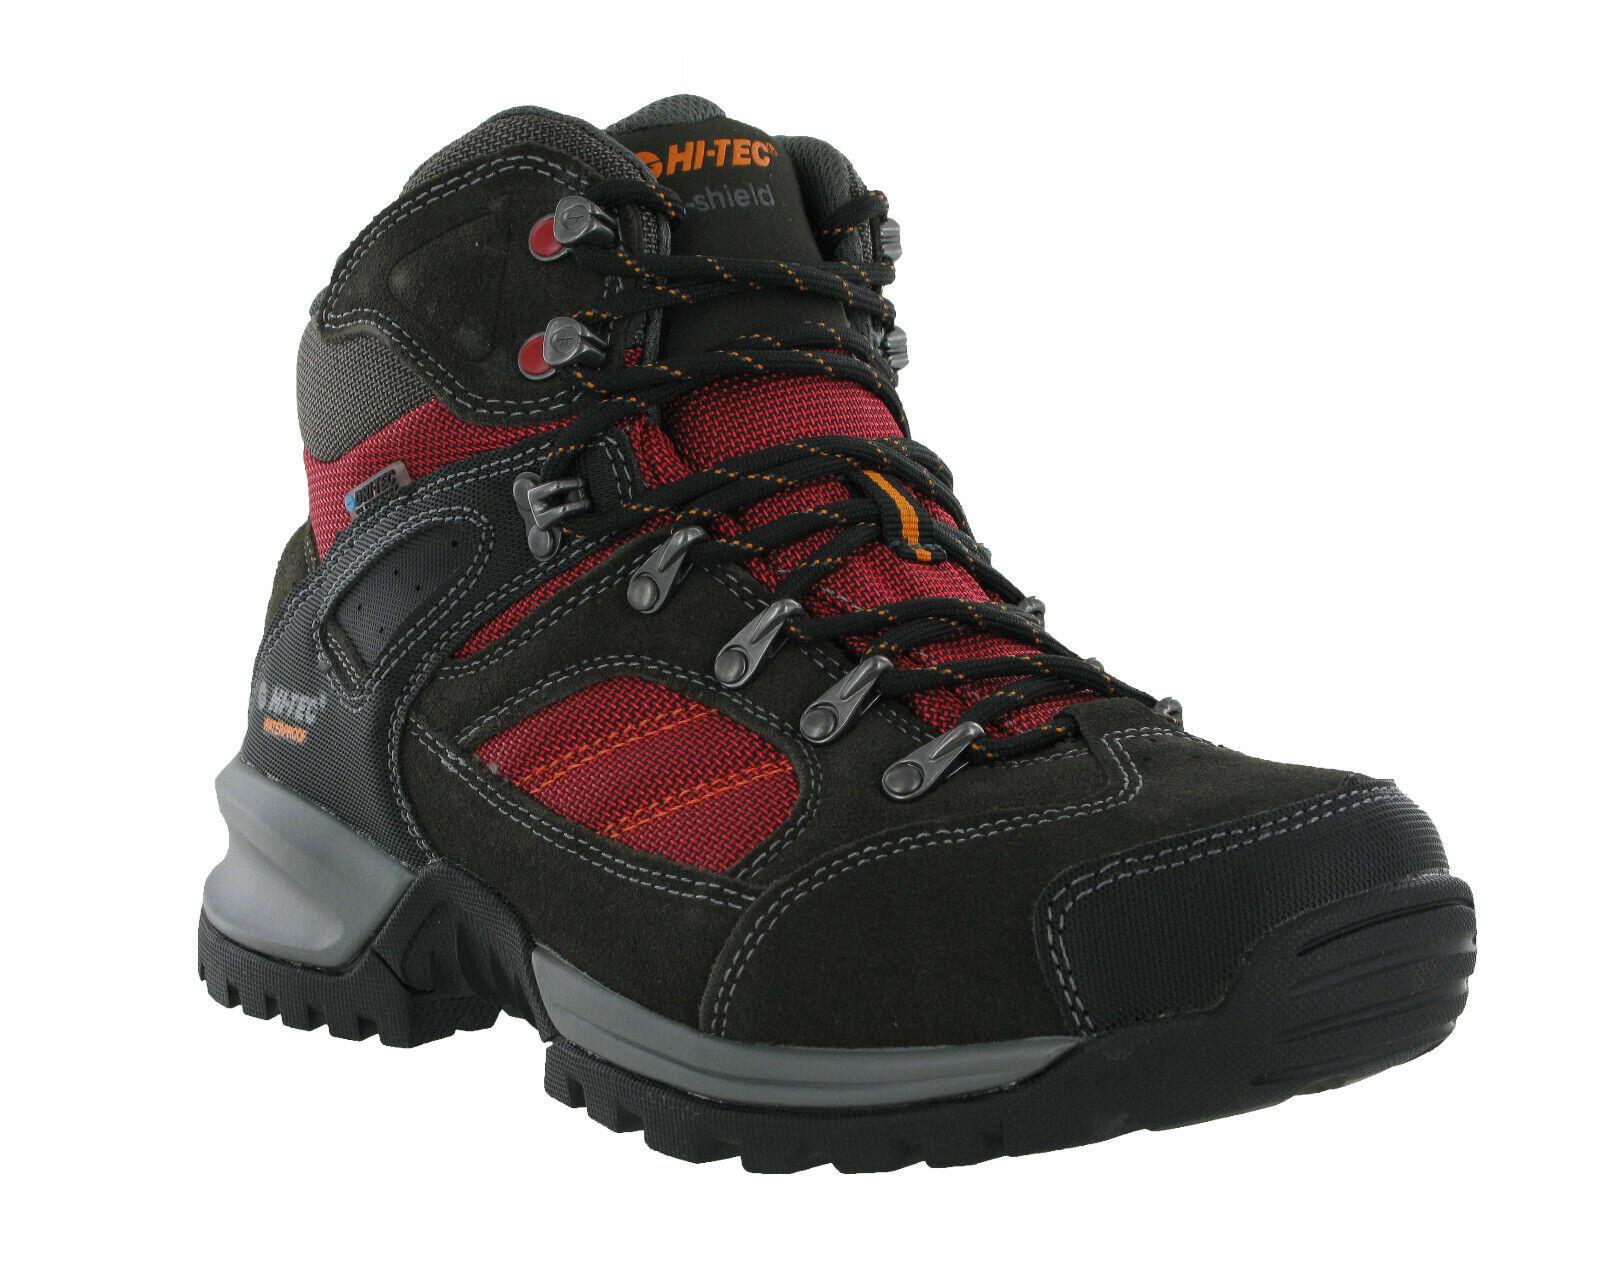 Hi-Tec Hombre Monte Diablo botas para  excursionismo a prueba de agua de gran altura yo sólo Reino Unido 6 6.5 13  entrega gratis